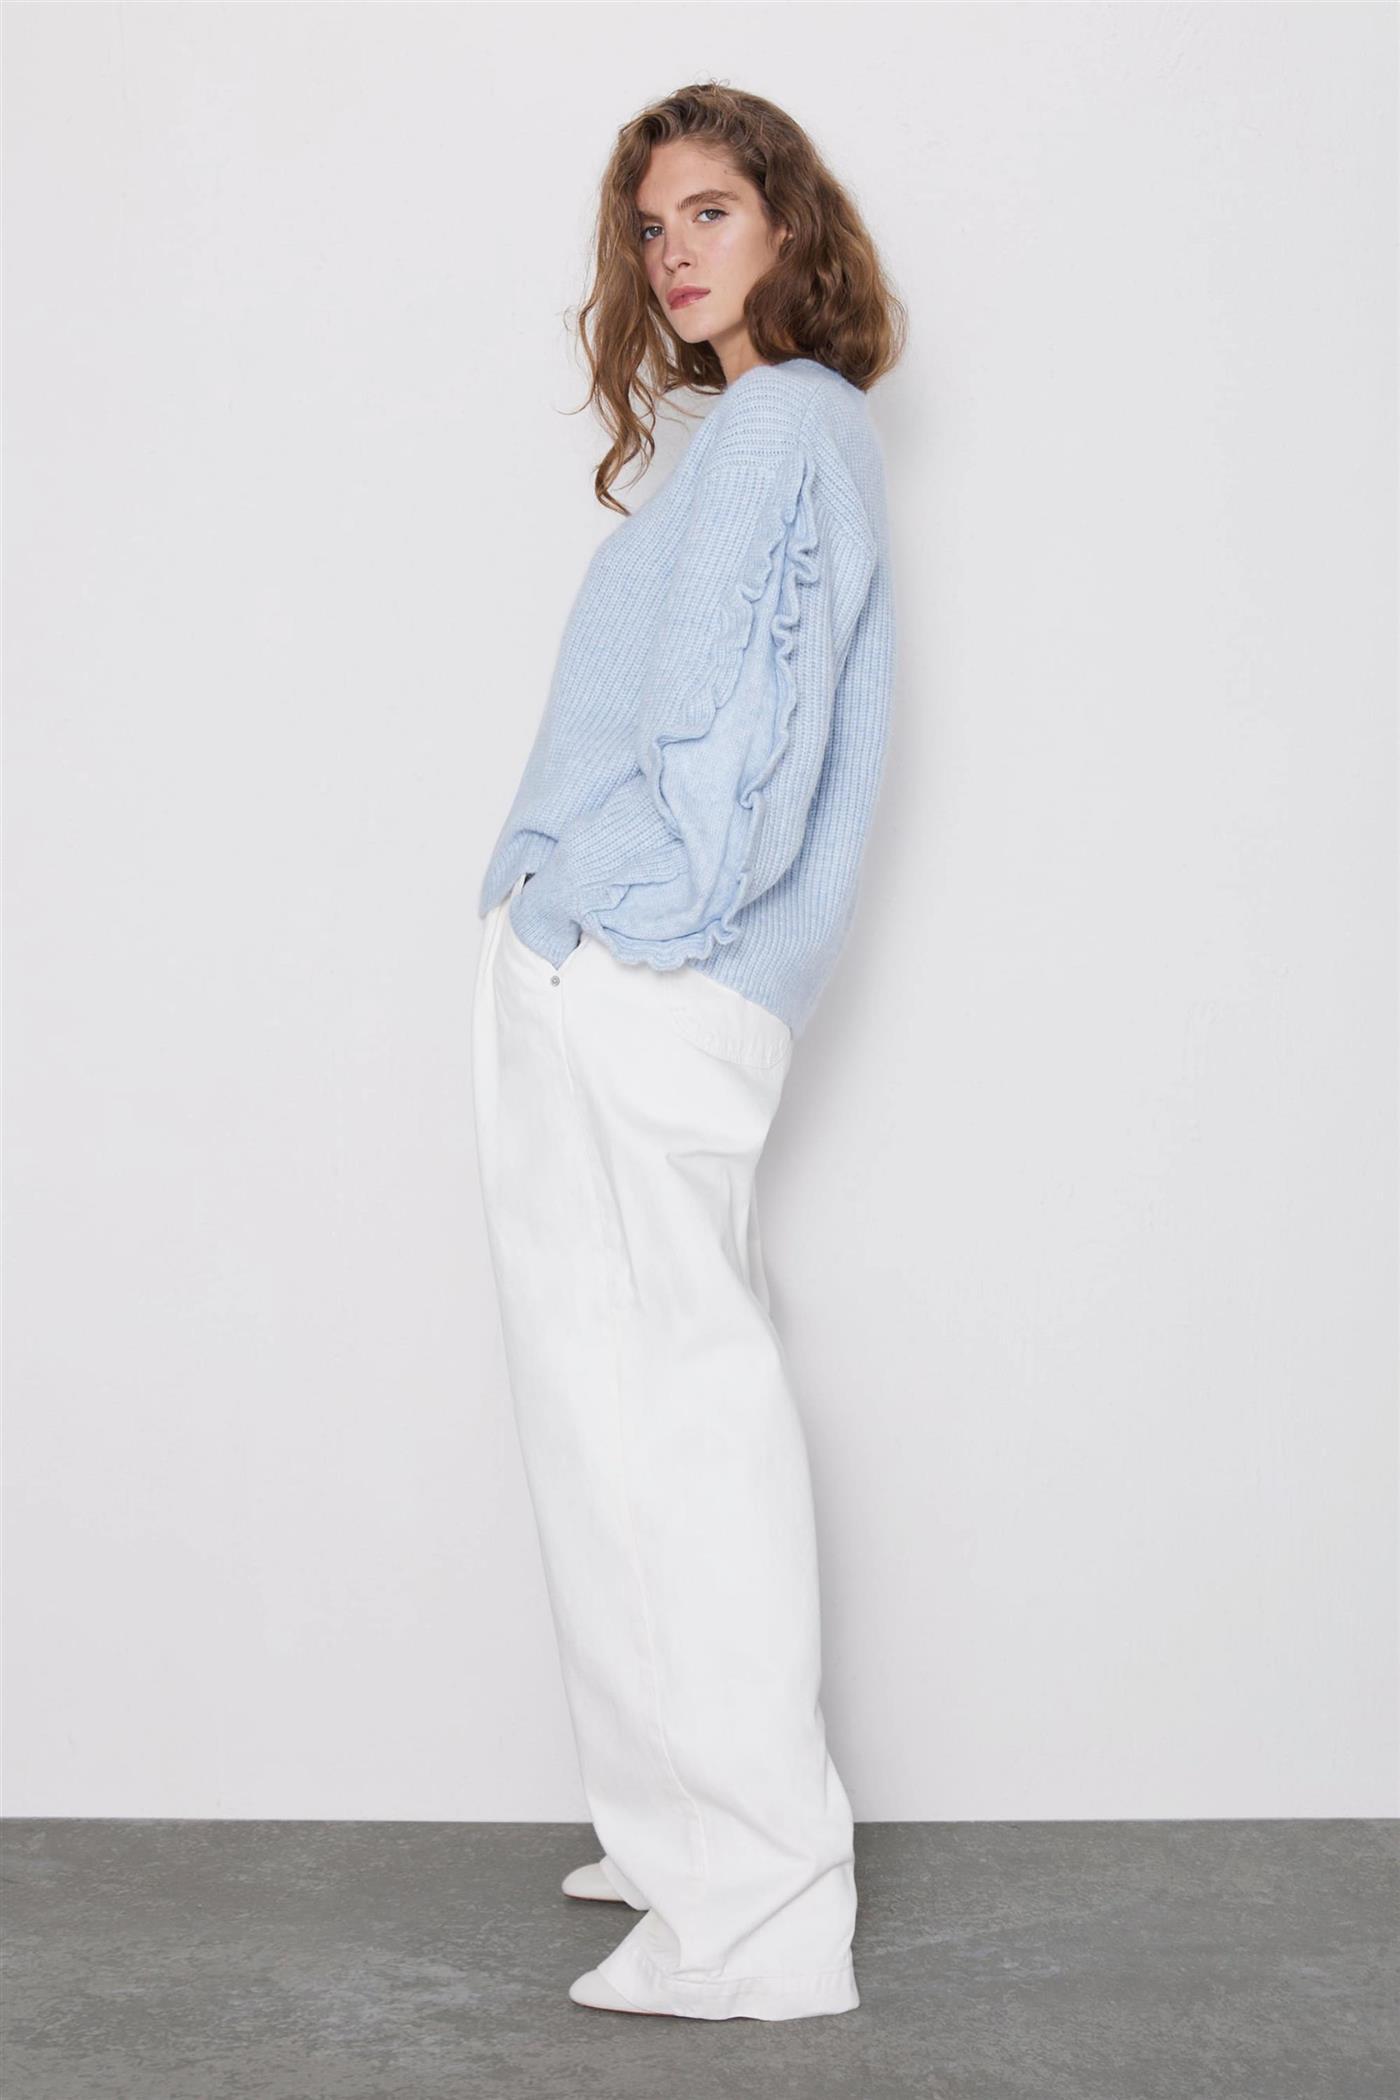 design innovativo 54f68 96e5d Estos pantalones palazzo de Zara son los favoritos de las instagramers